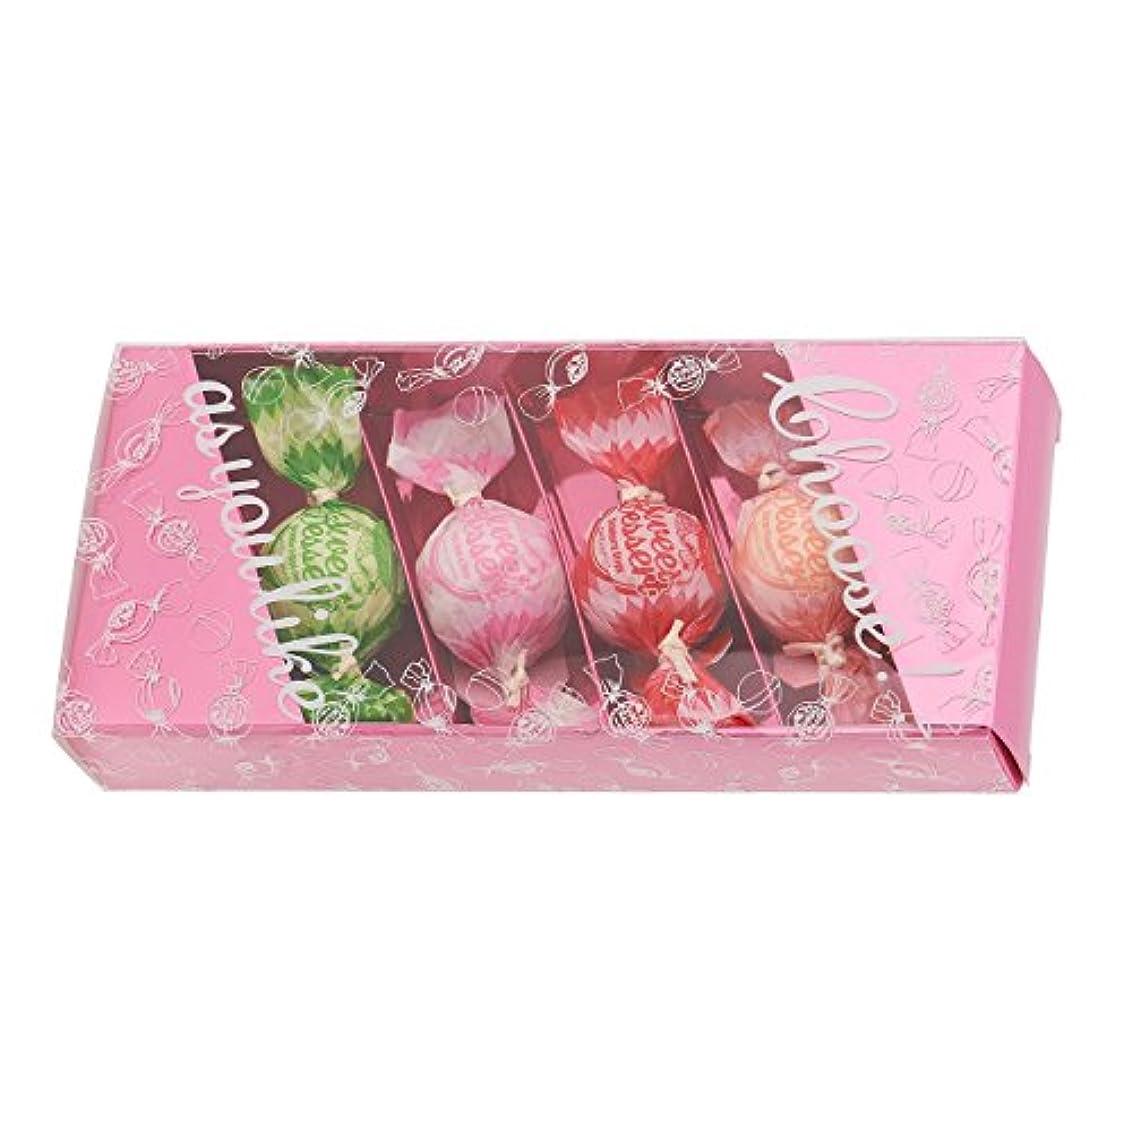 ジェーンオースティンかける一緒にアマイワナ バスキャンディー4粒ギフトセット(35g×4個) ピンク(発泡タイプ入浴料 バスギフト)